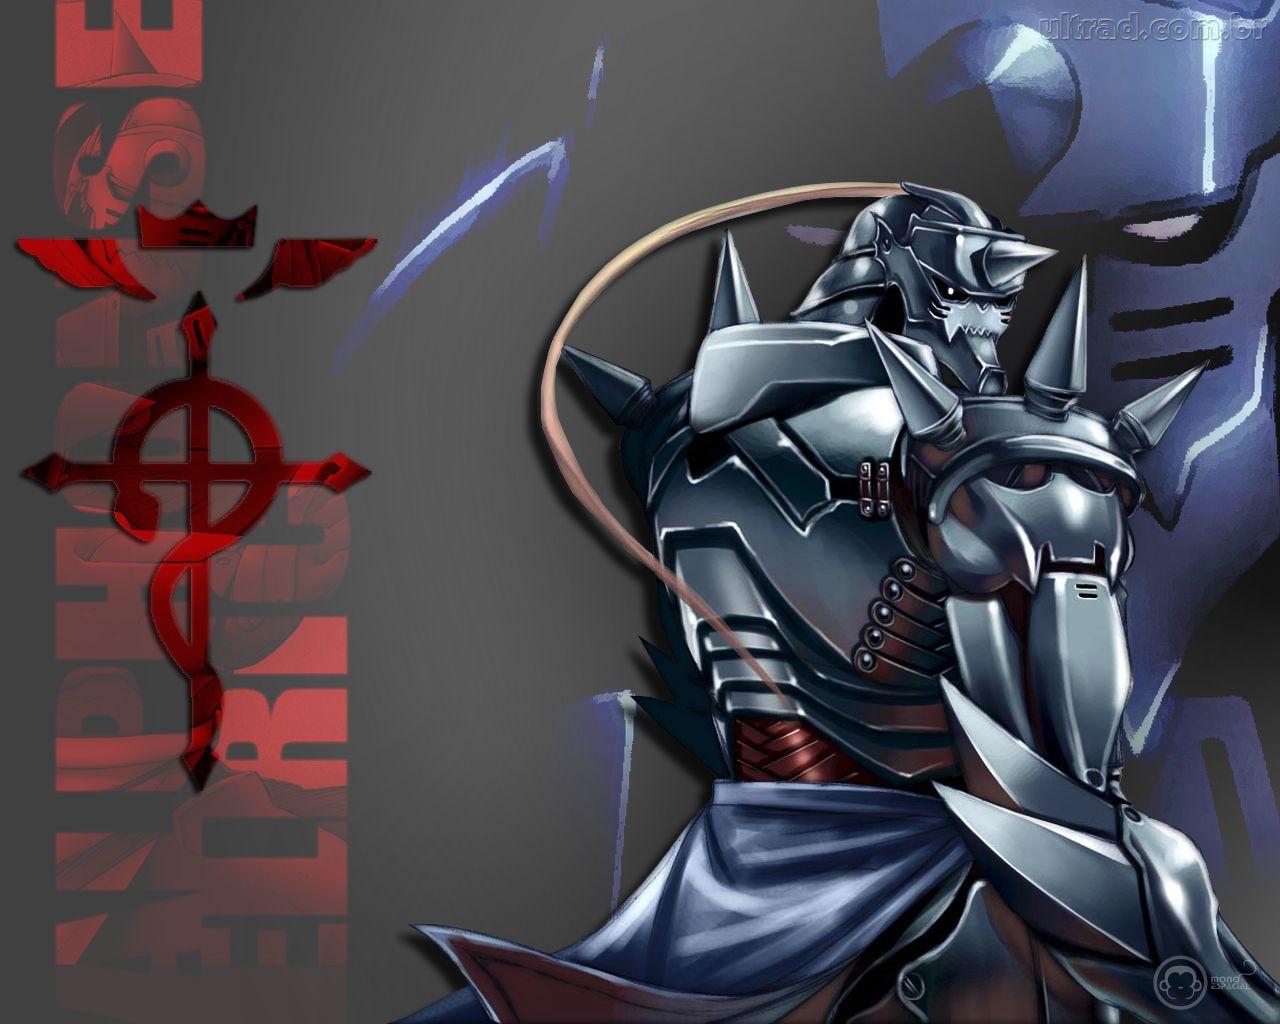 Papel de Parede   Fullmetal Alchemist   Alphonse Elric 1280x1024